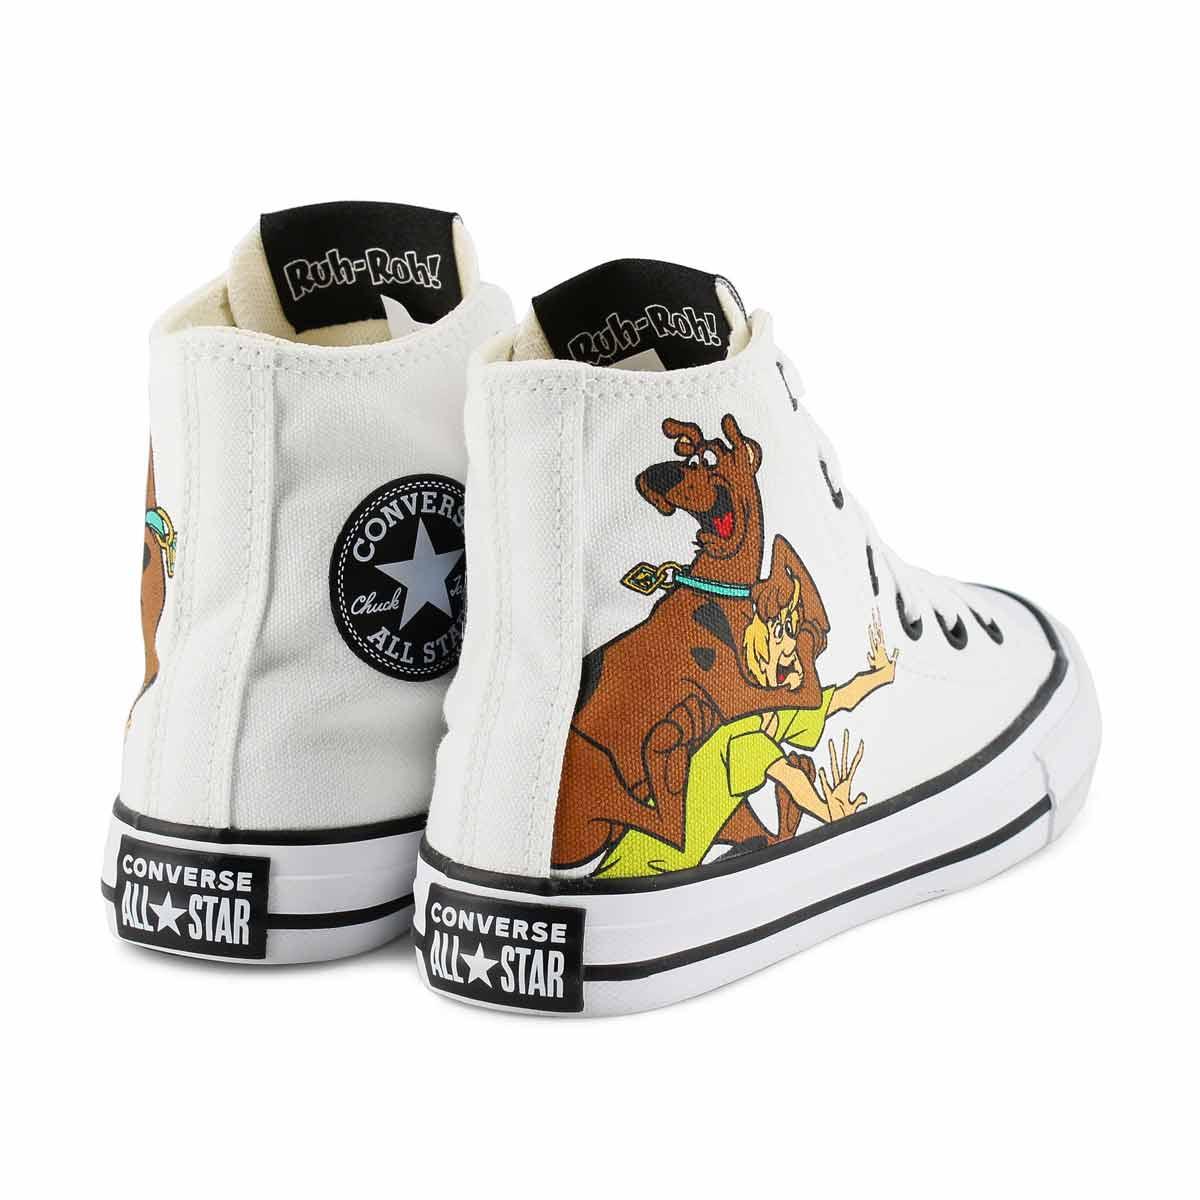 Kds CTAS Scooby Doo wht/mult hi top snkr